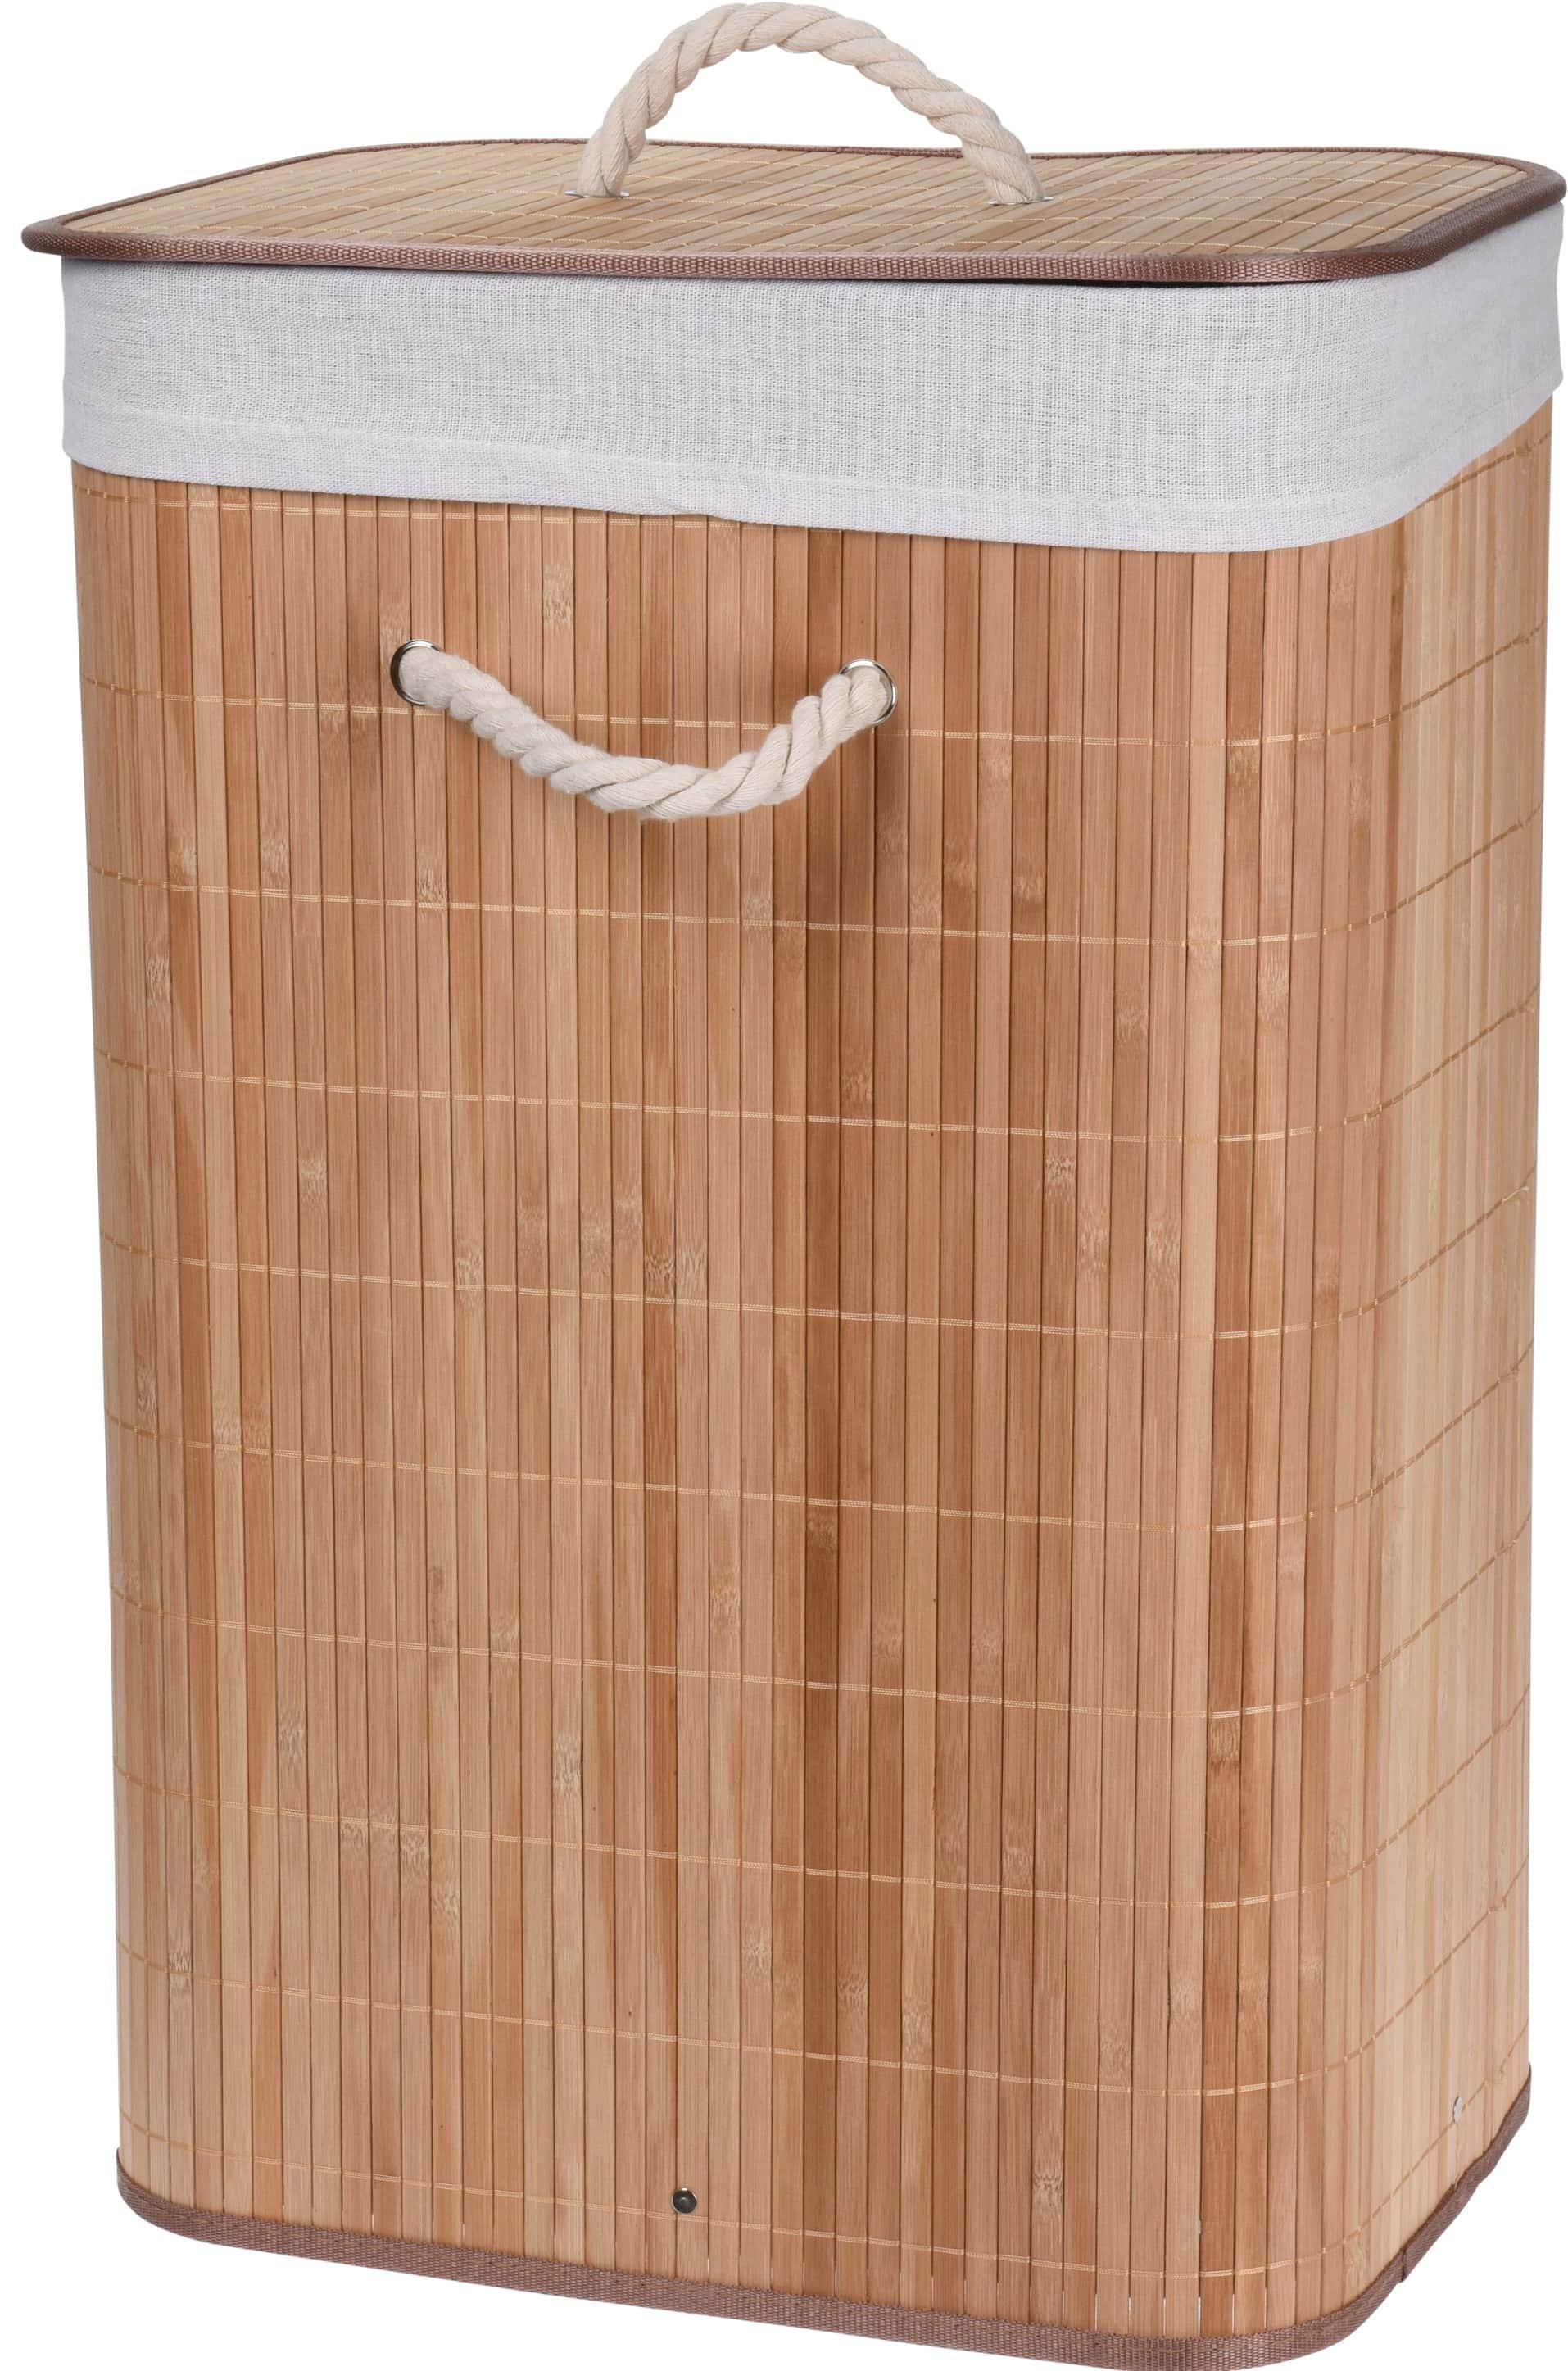 4goodz bamboe wasmand met deksel - 72 liter - 30x40x60 cm